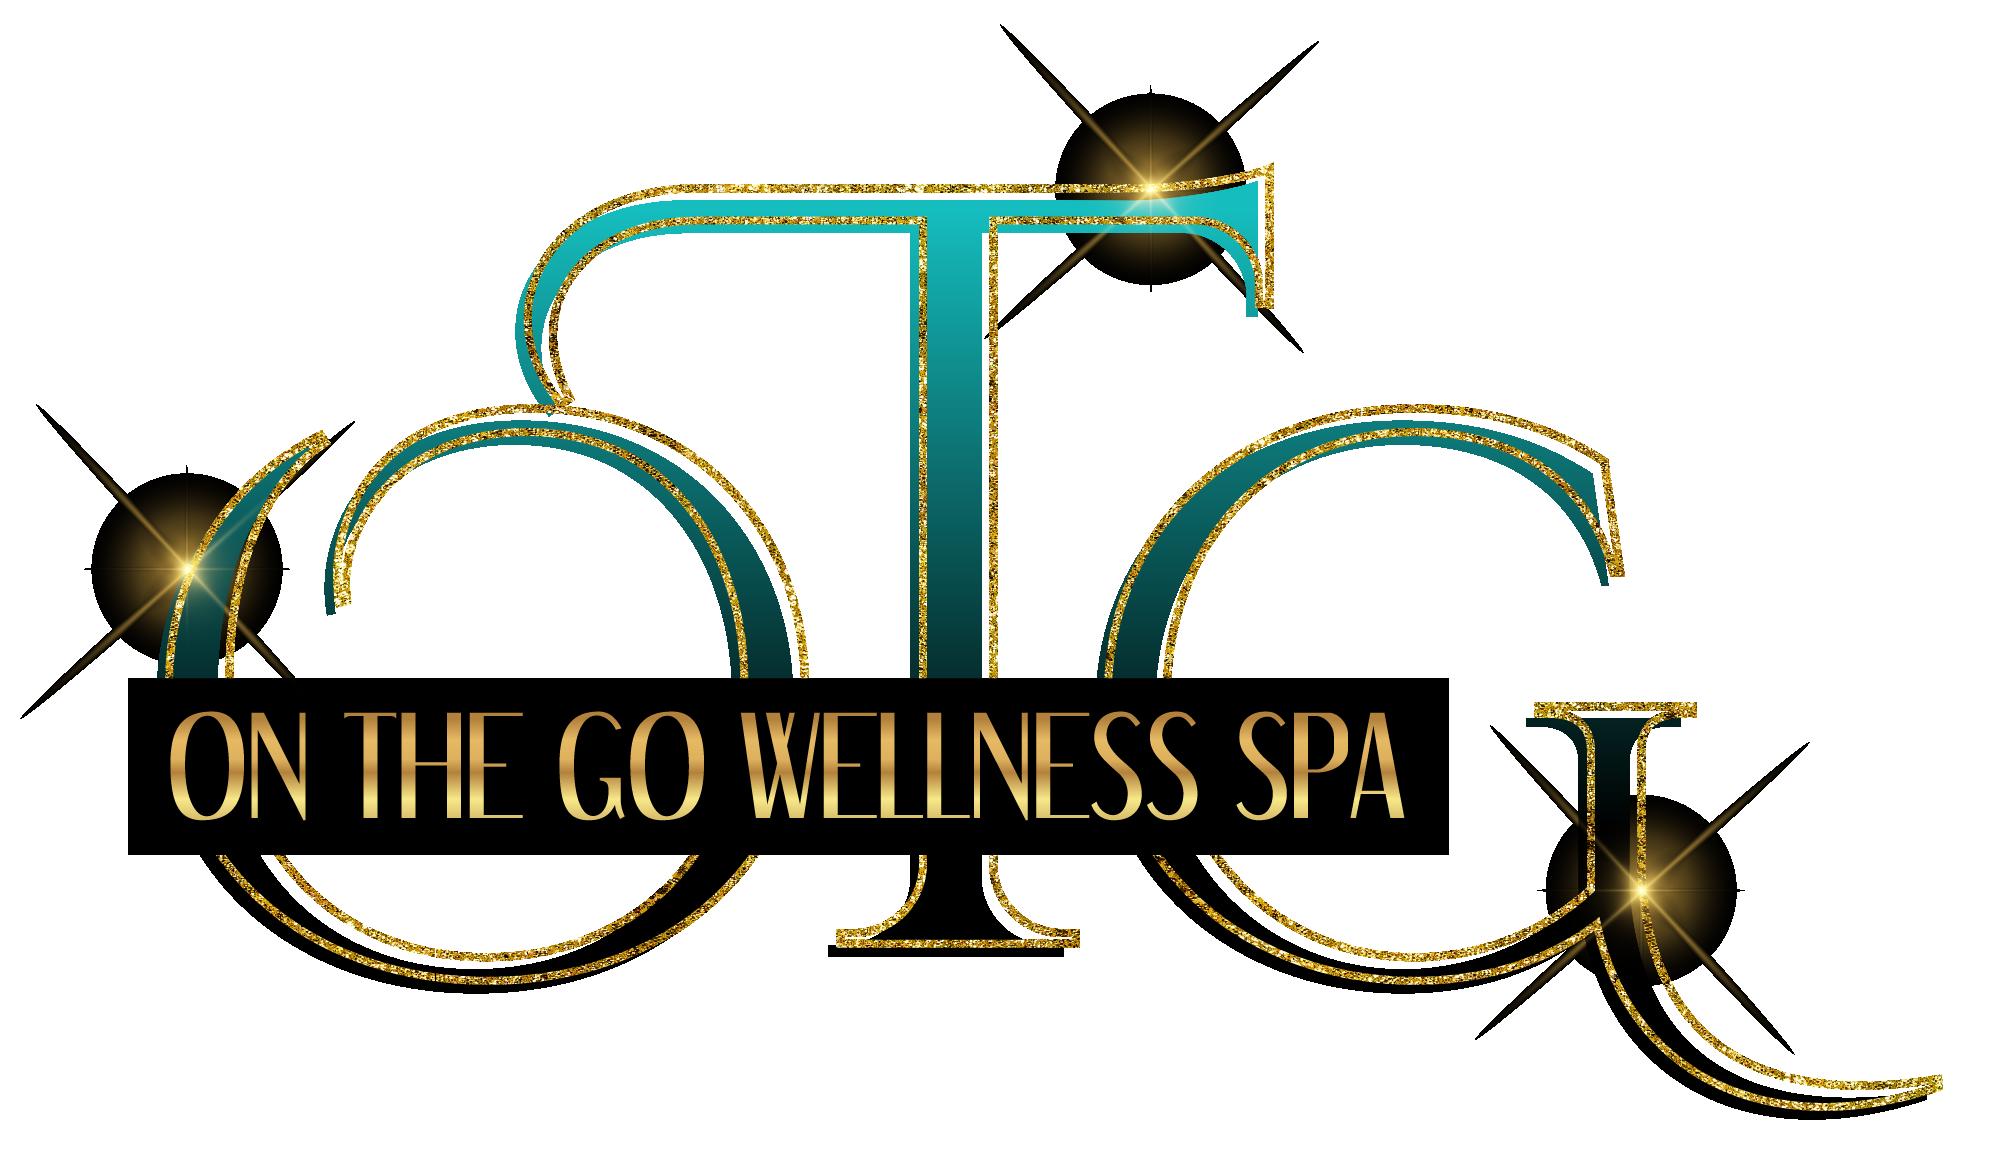 On The Go Wellness Spa logo